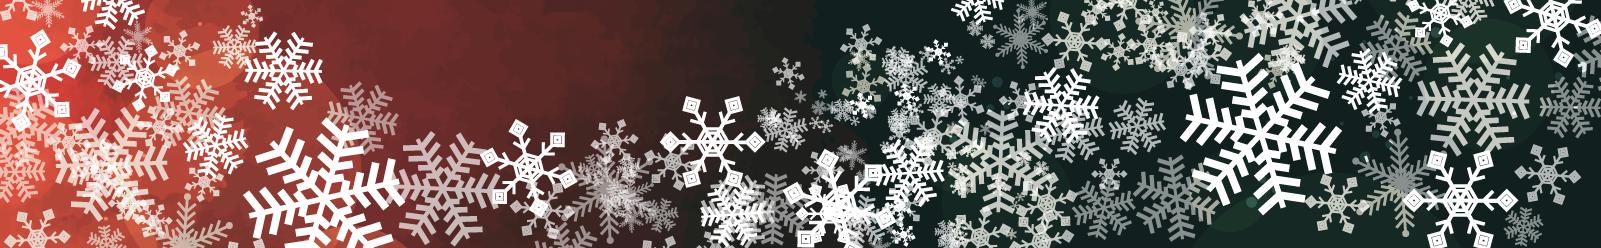 【御予約について】クリスマスディナー&年末オードブル